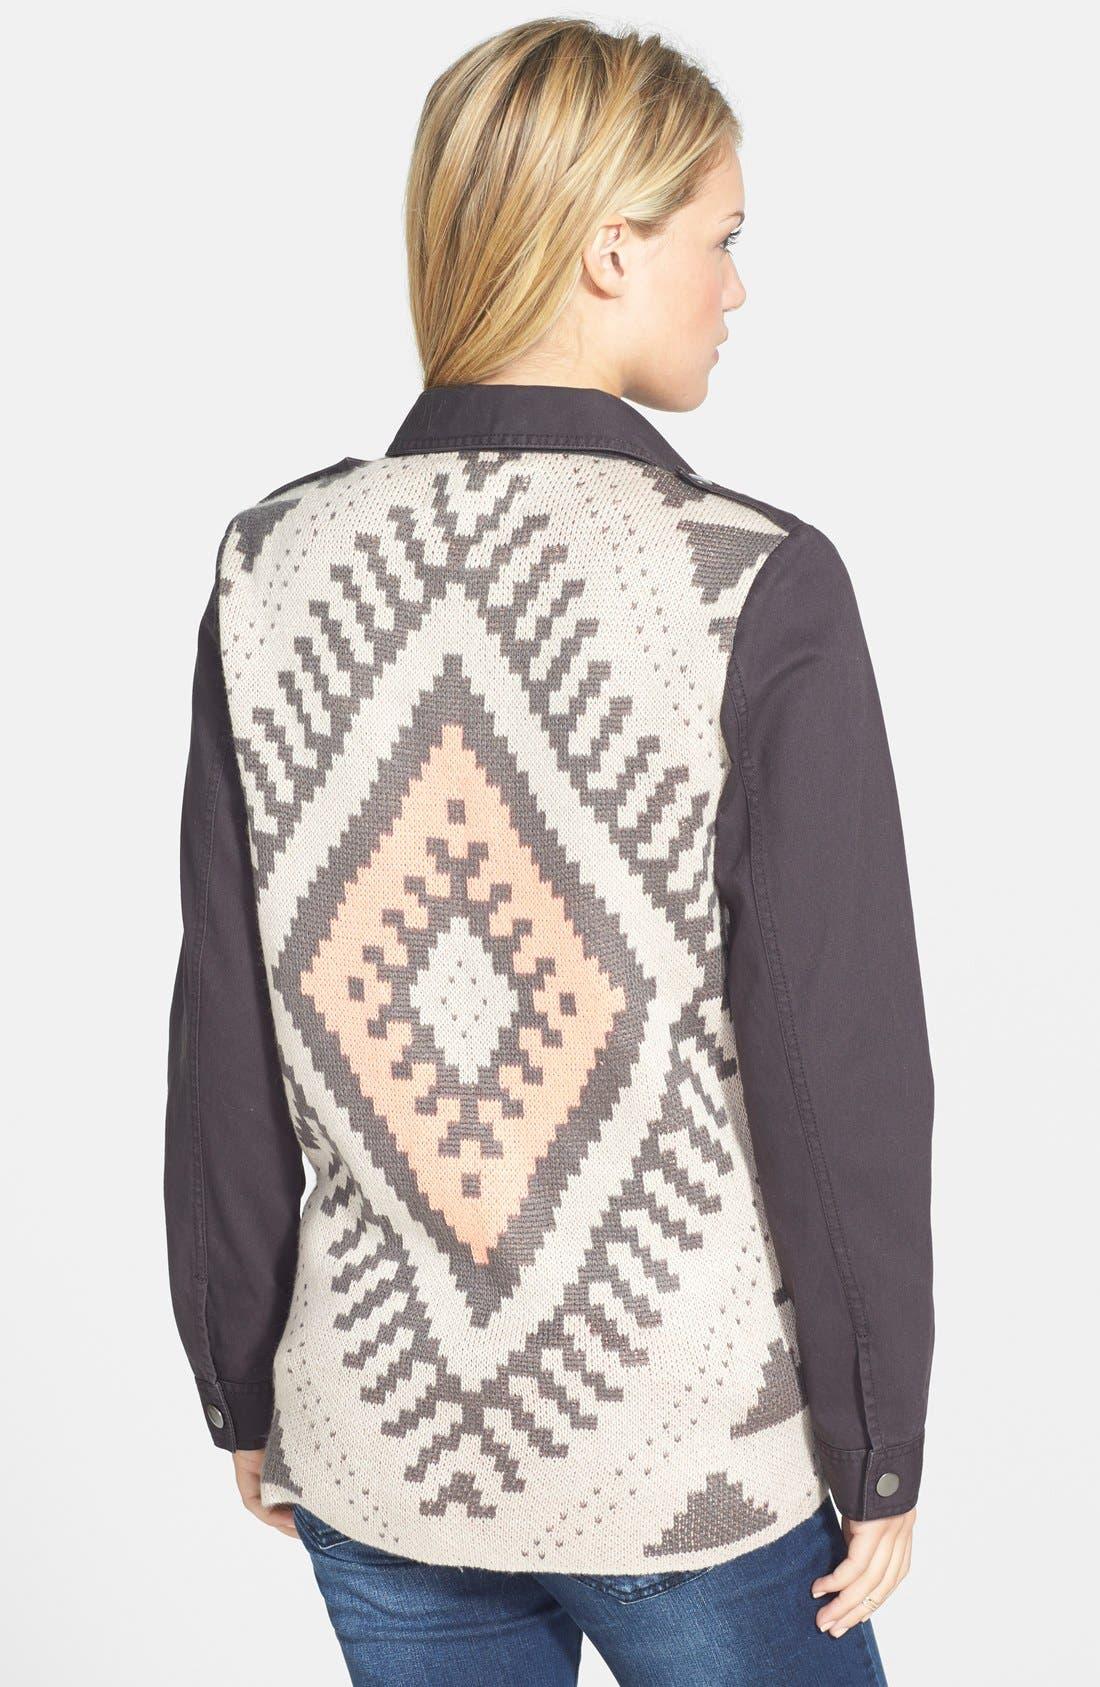 BLU PEPPER Geo Knit Back Jacket, Main, color, 020